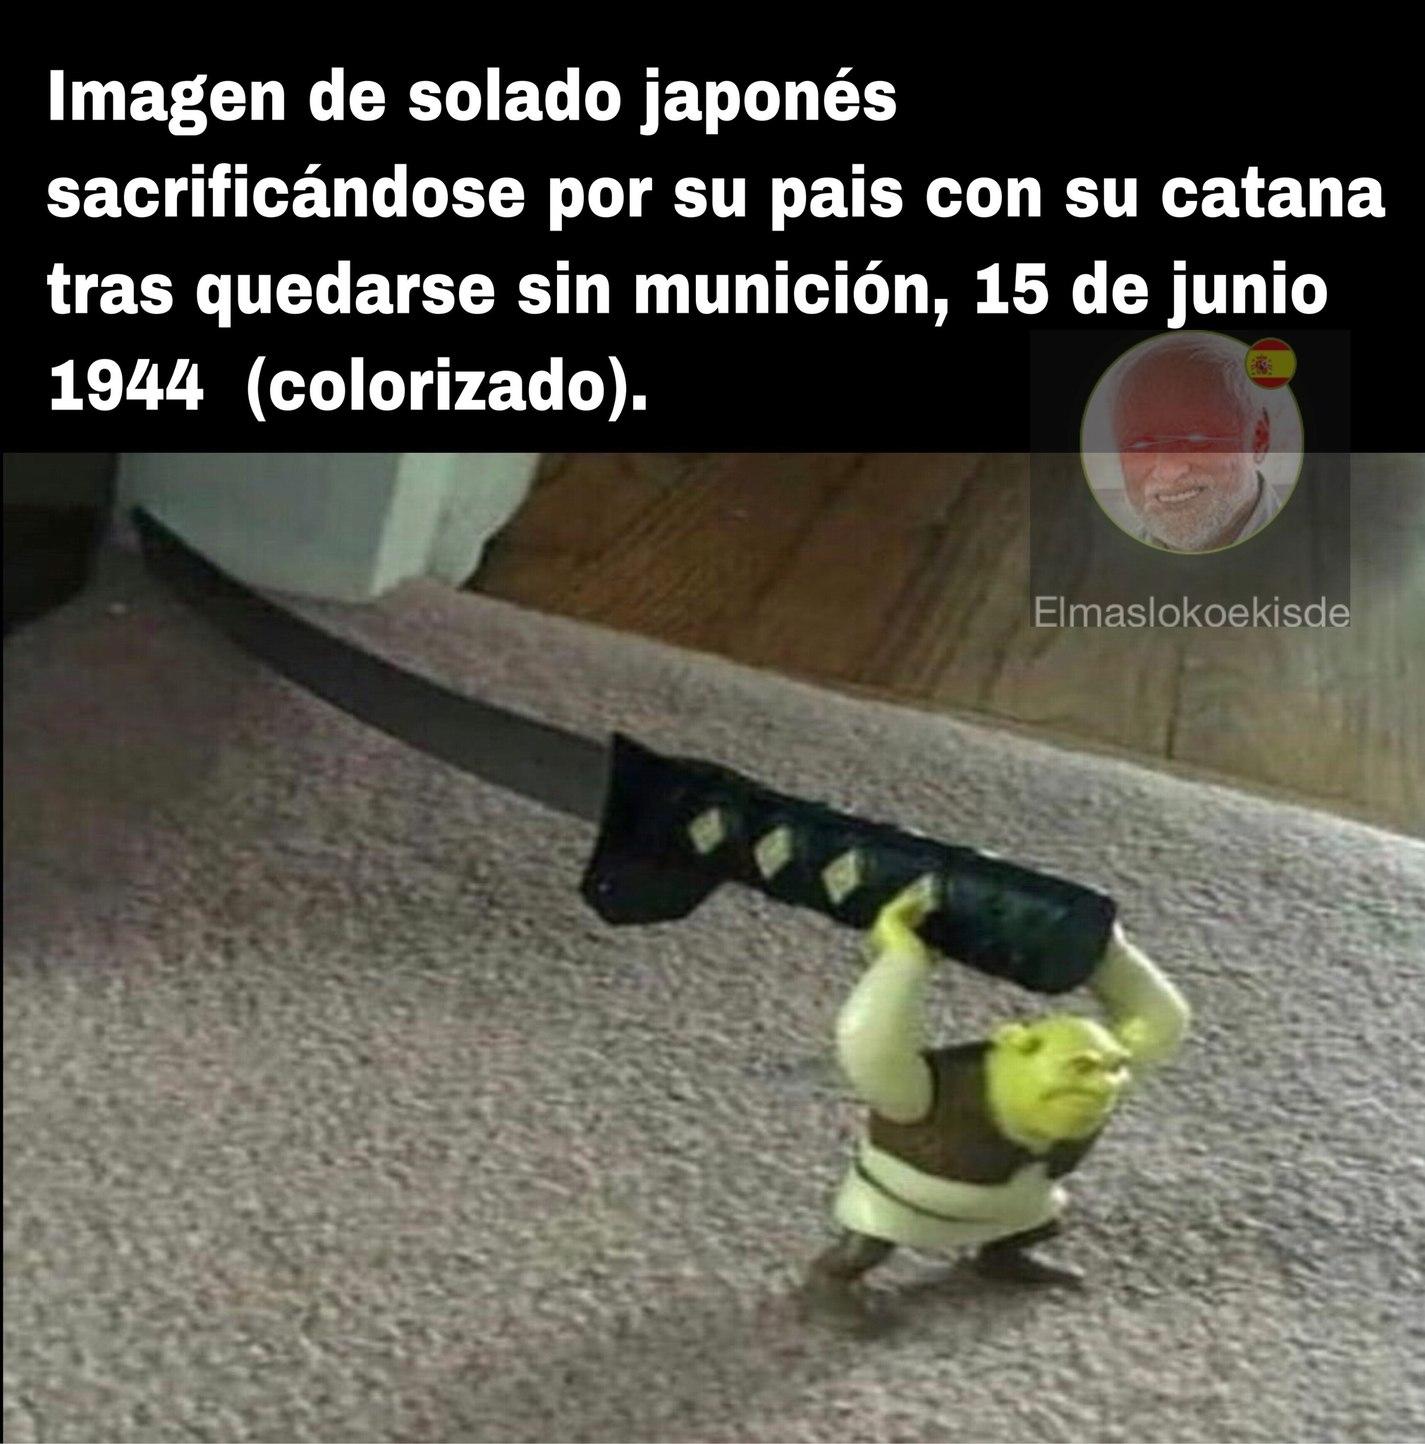 Todo_por_la_horda.jpg - meme